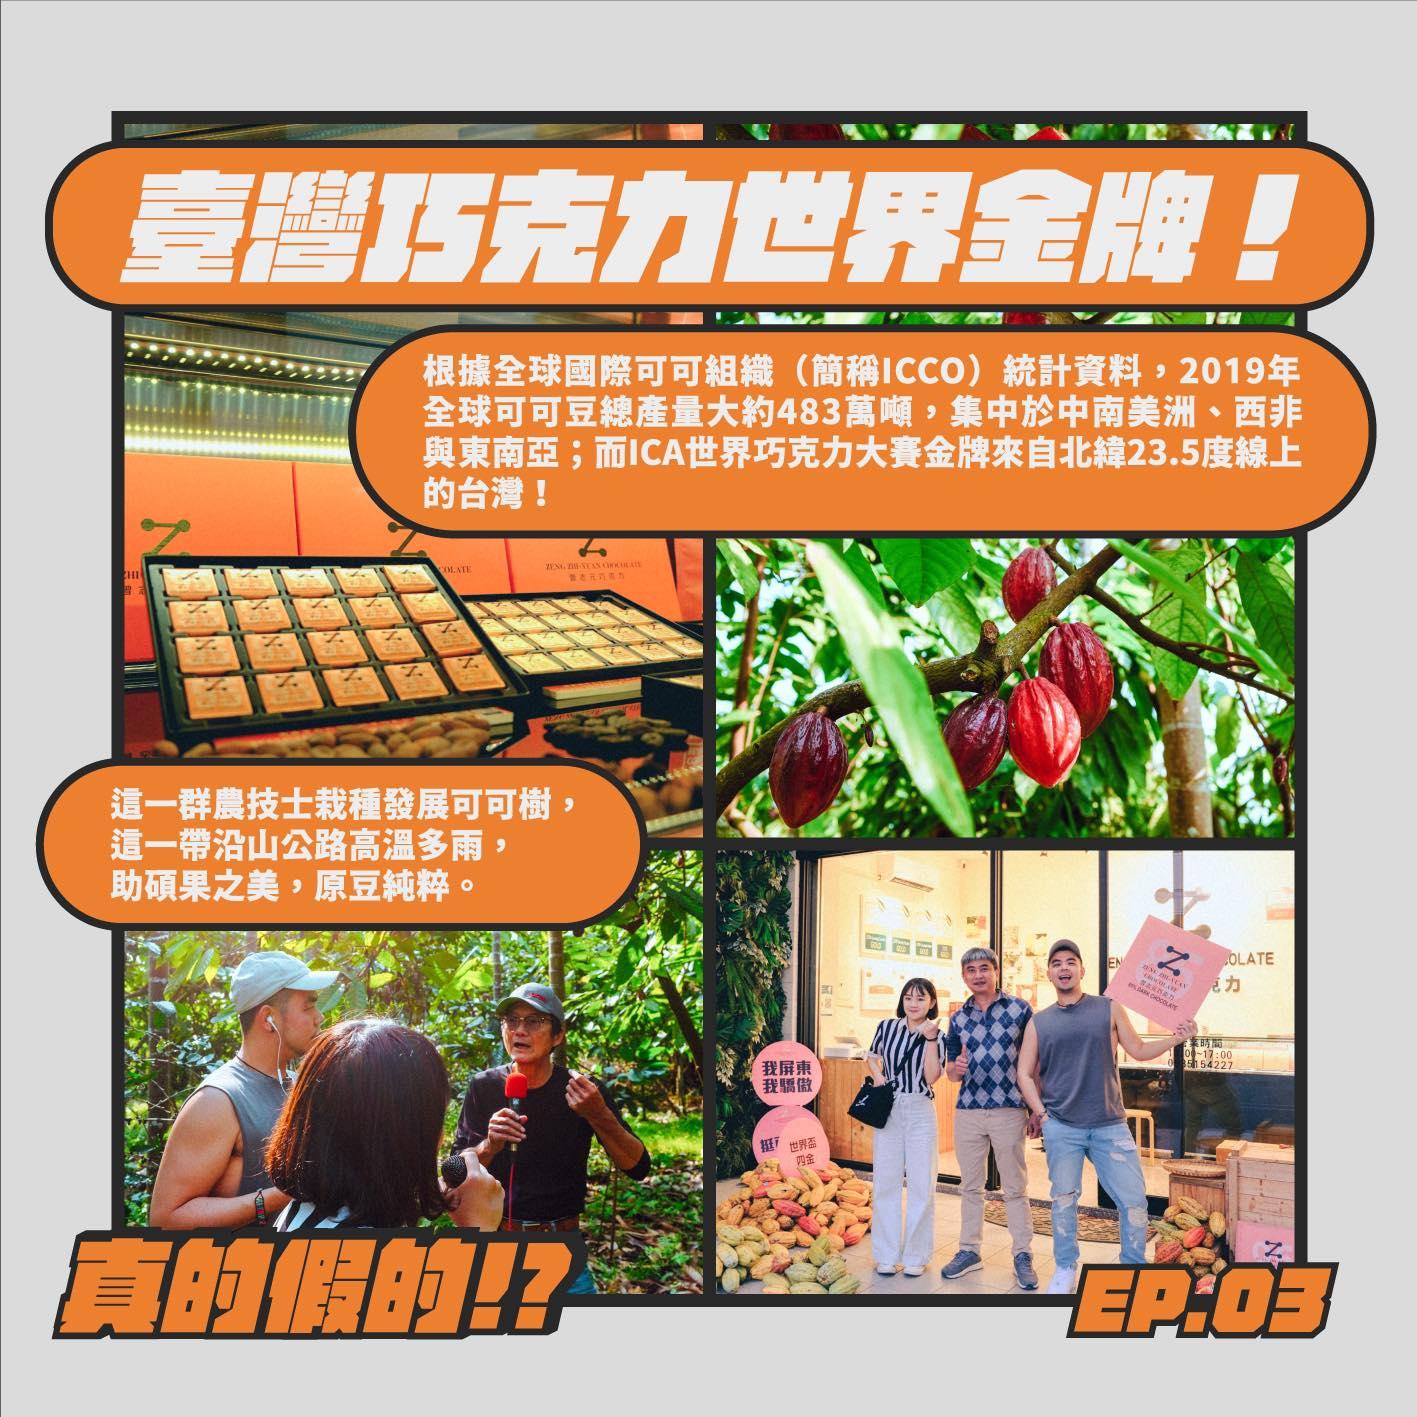 Ep.03台灣巧克力世界金牌! [ 真的假的!?]